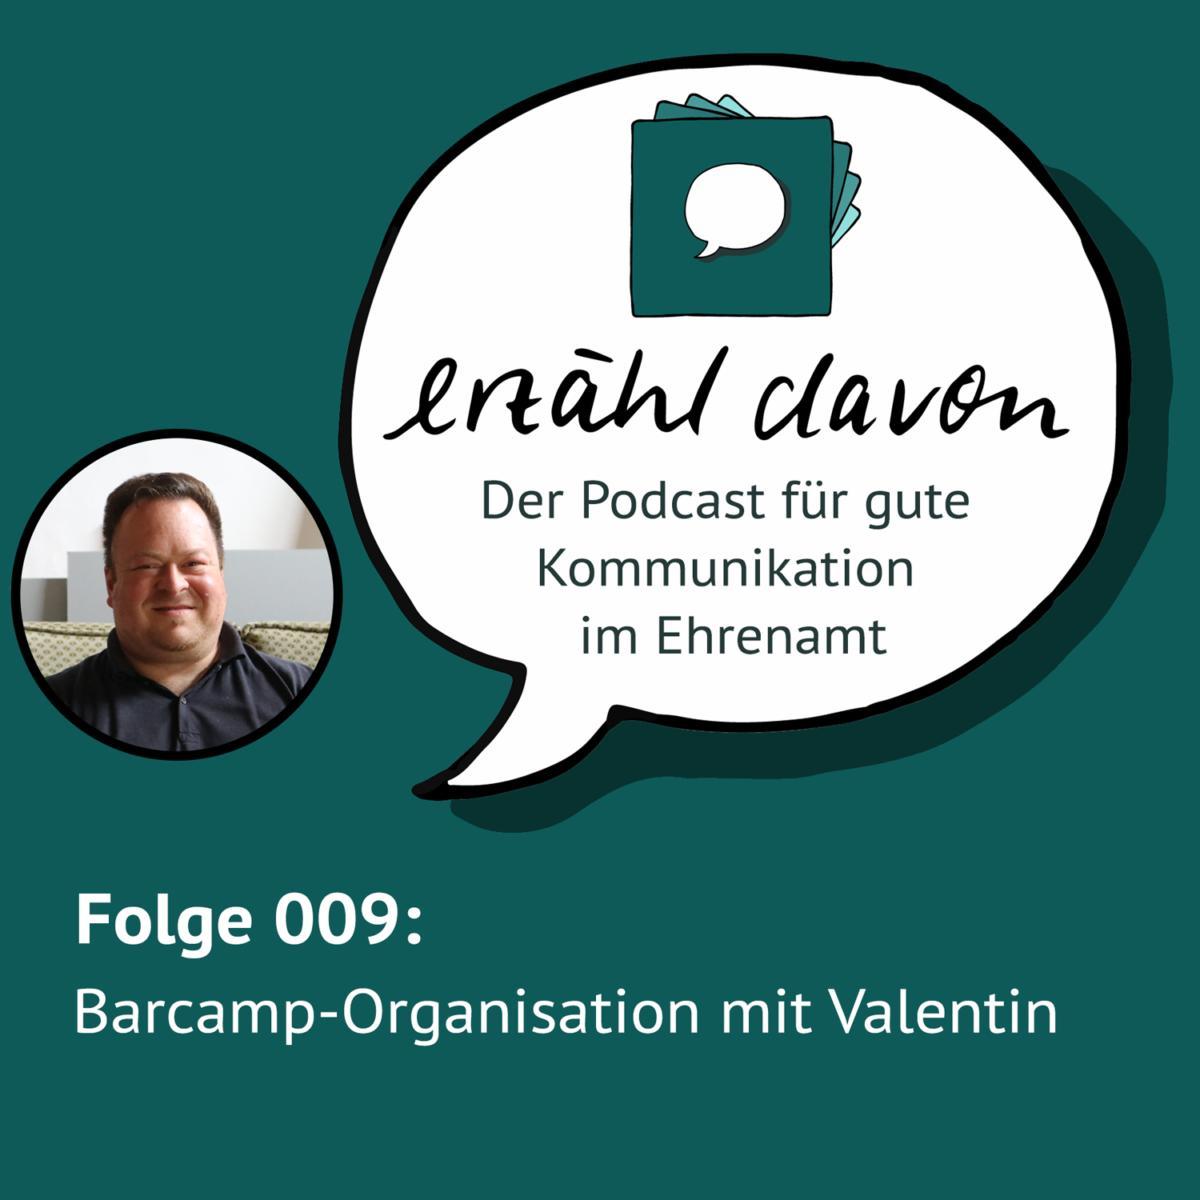 Logo des Erzähldacon Podcast Folge 9 Barcamp Organisation mit Valentin